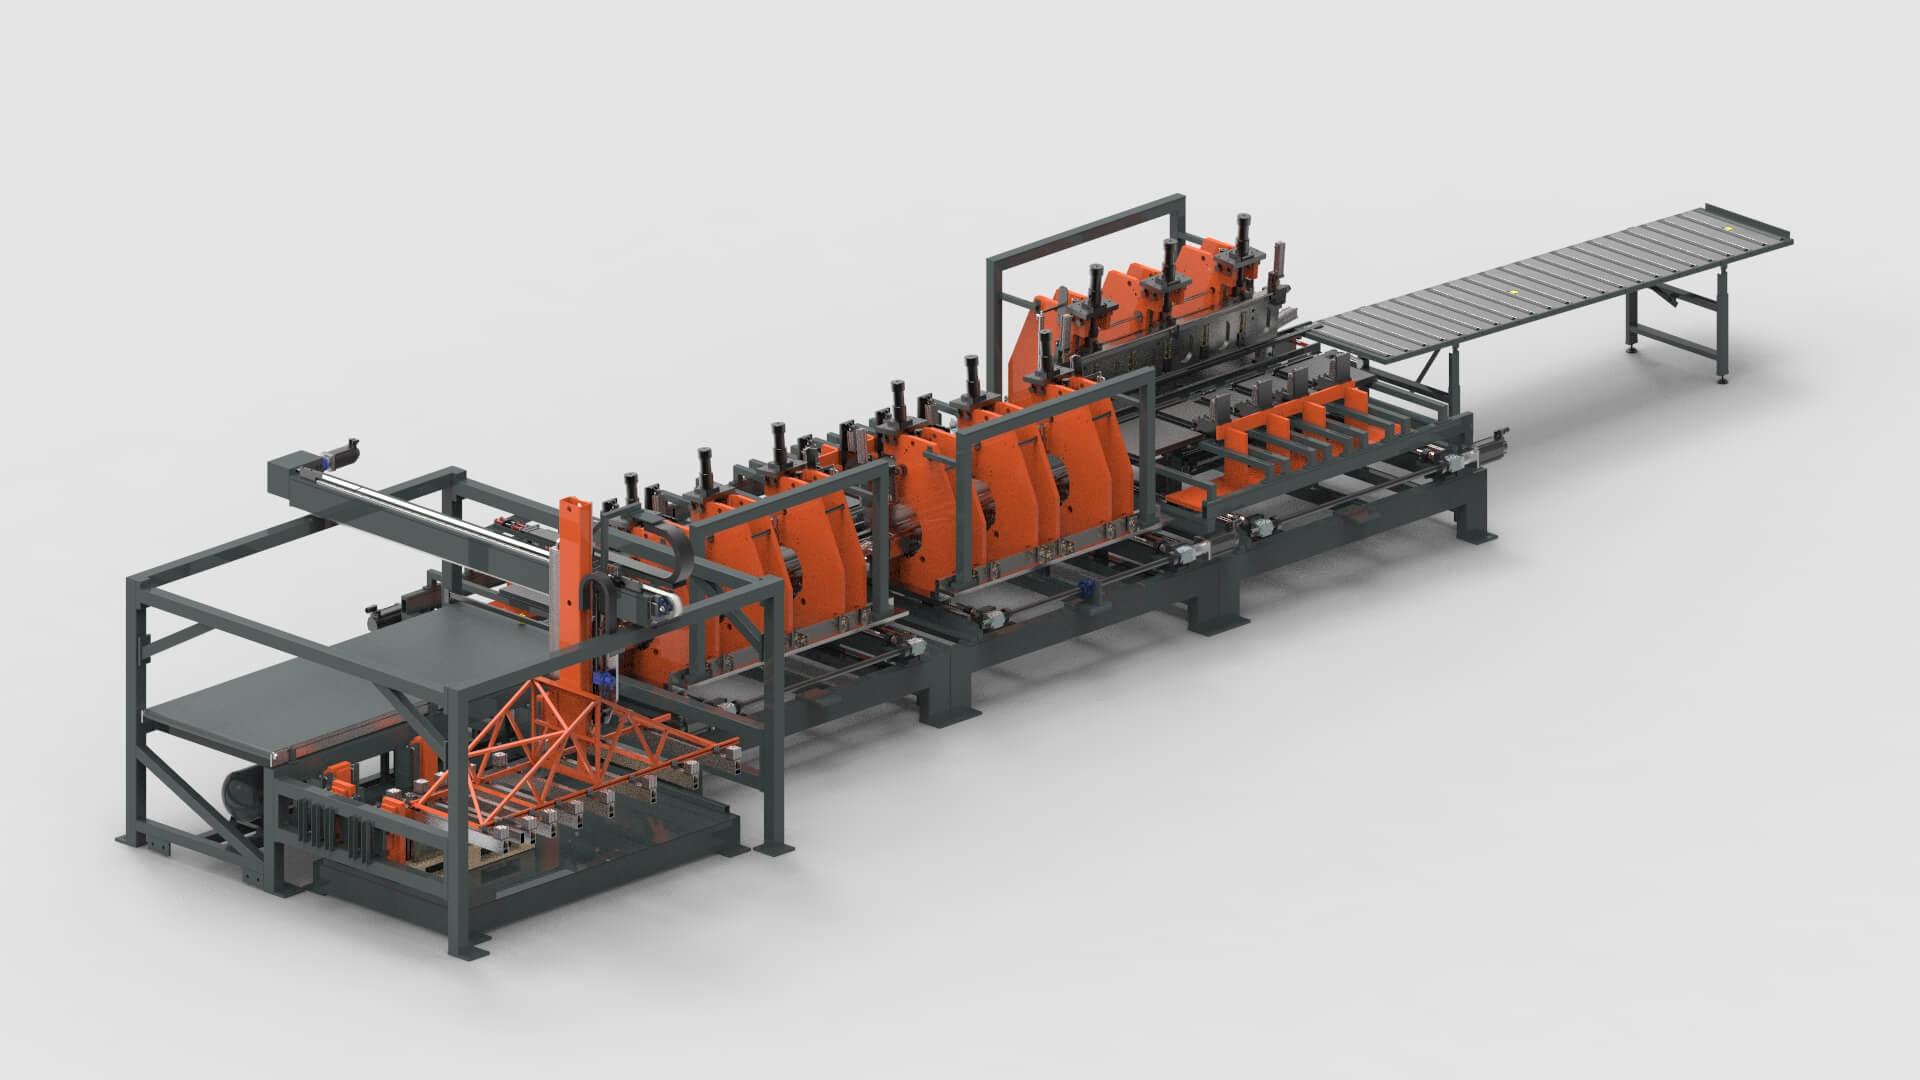 stahlzargen-blechbearbeitung-biegen-produktionslinie.jpg